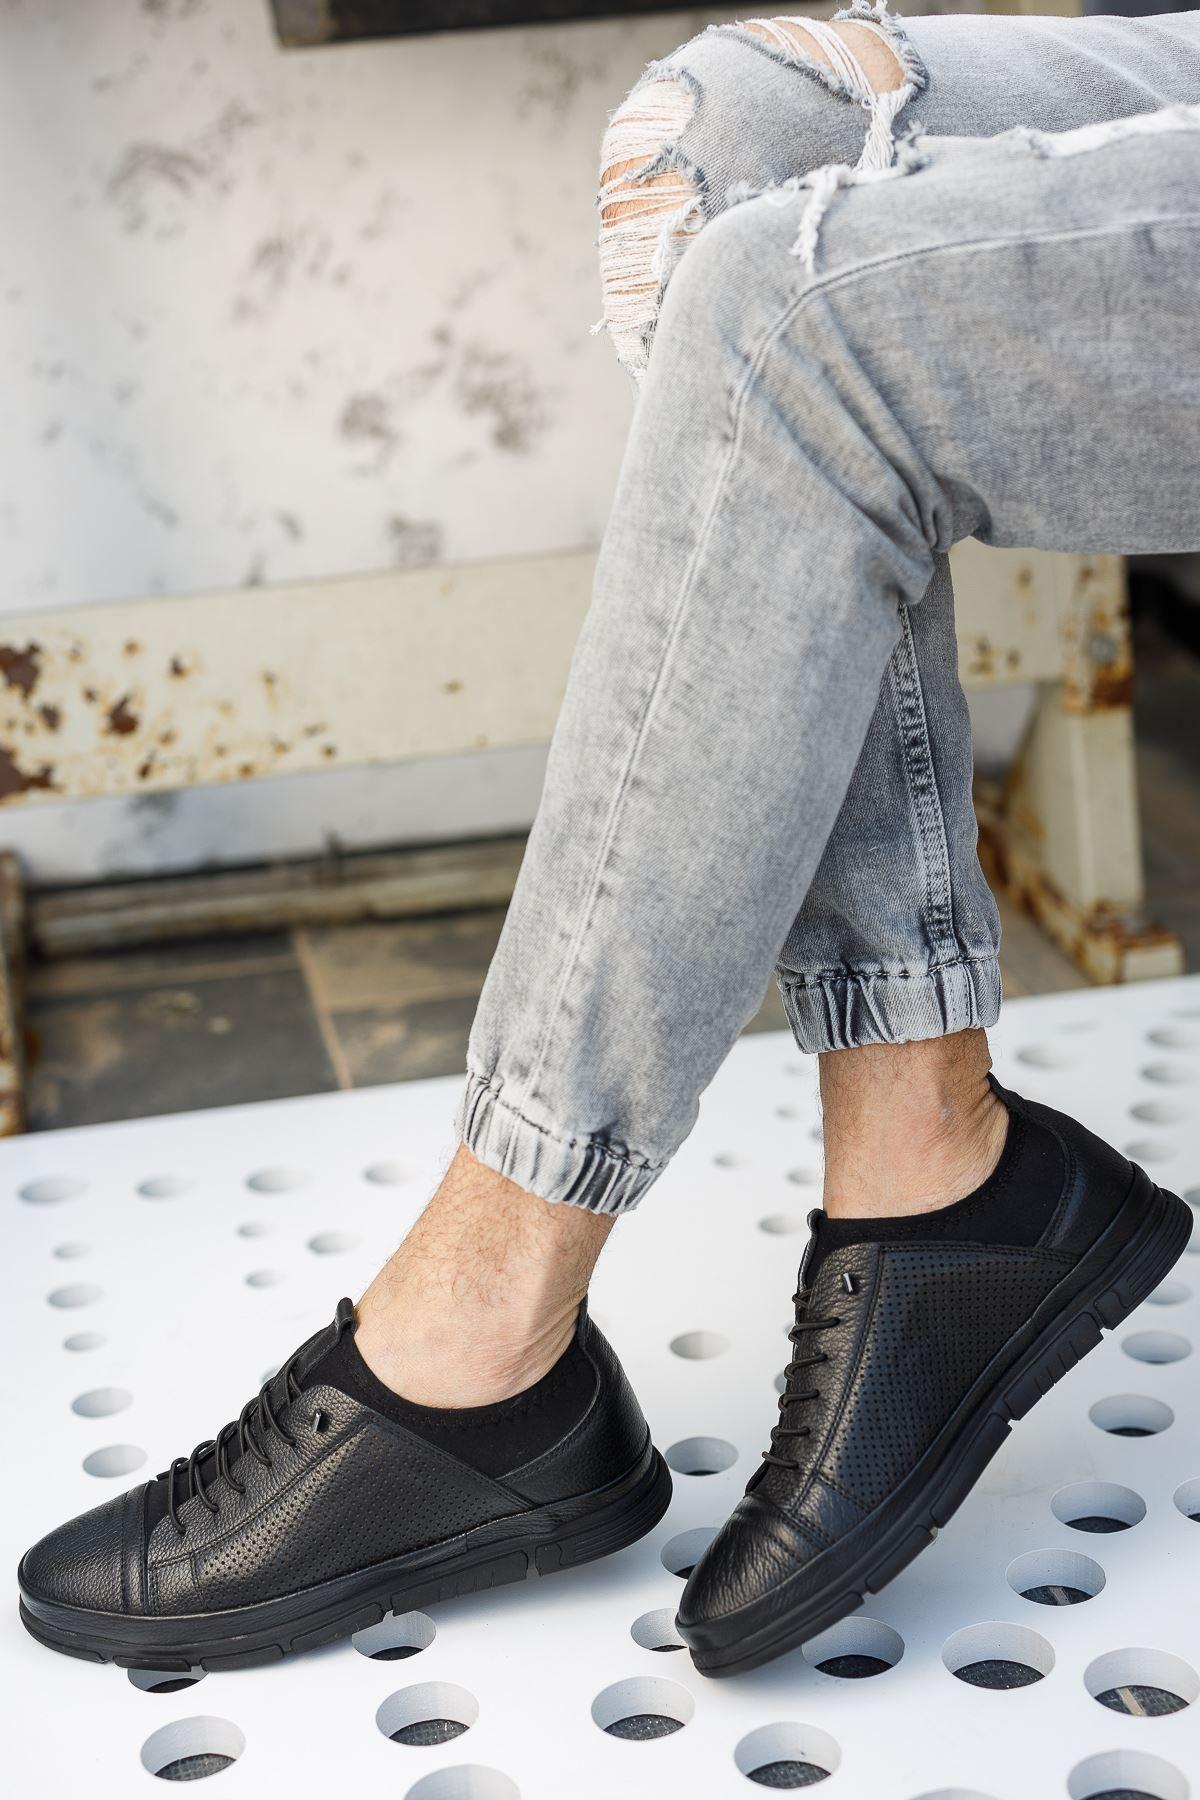 Lastik Bağcıklı Bilekten Streçli Siyah Deri Ayakkabı